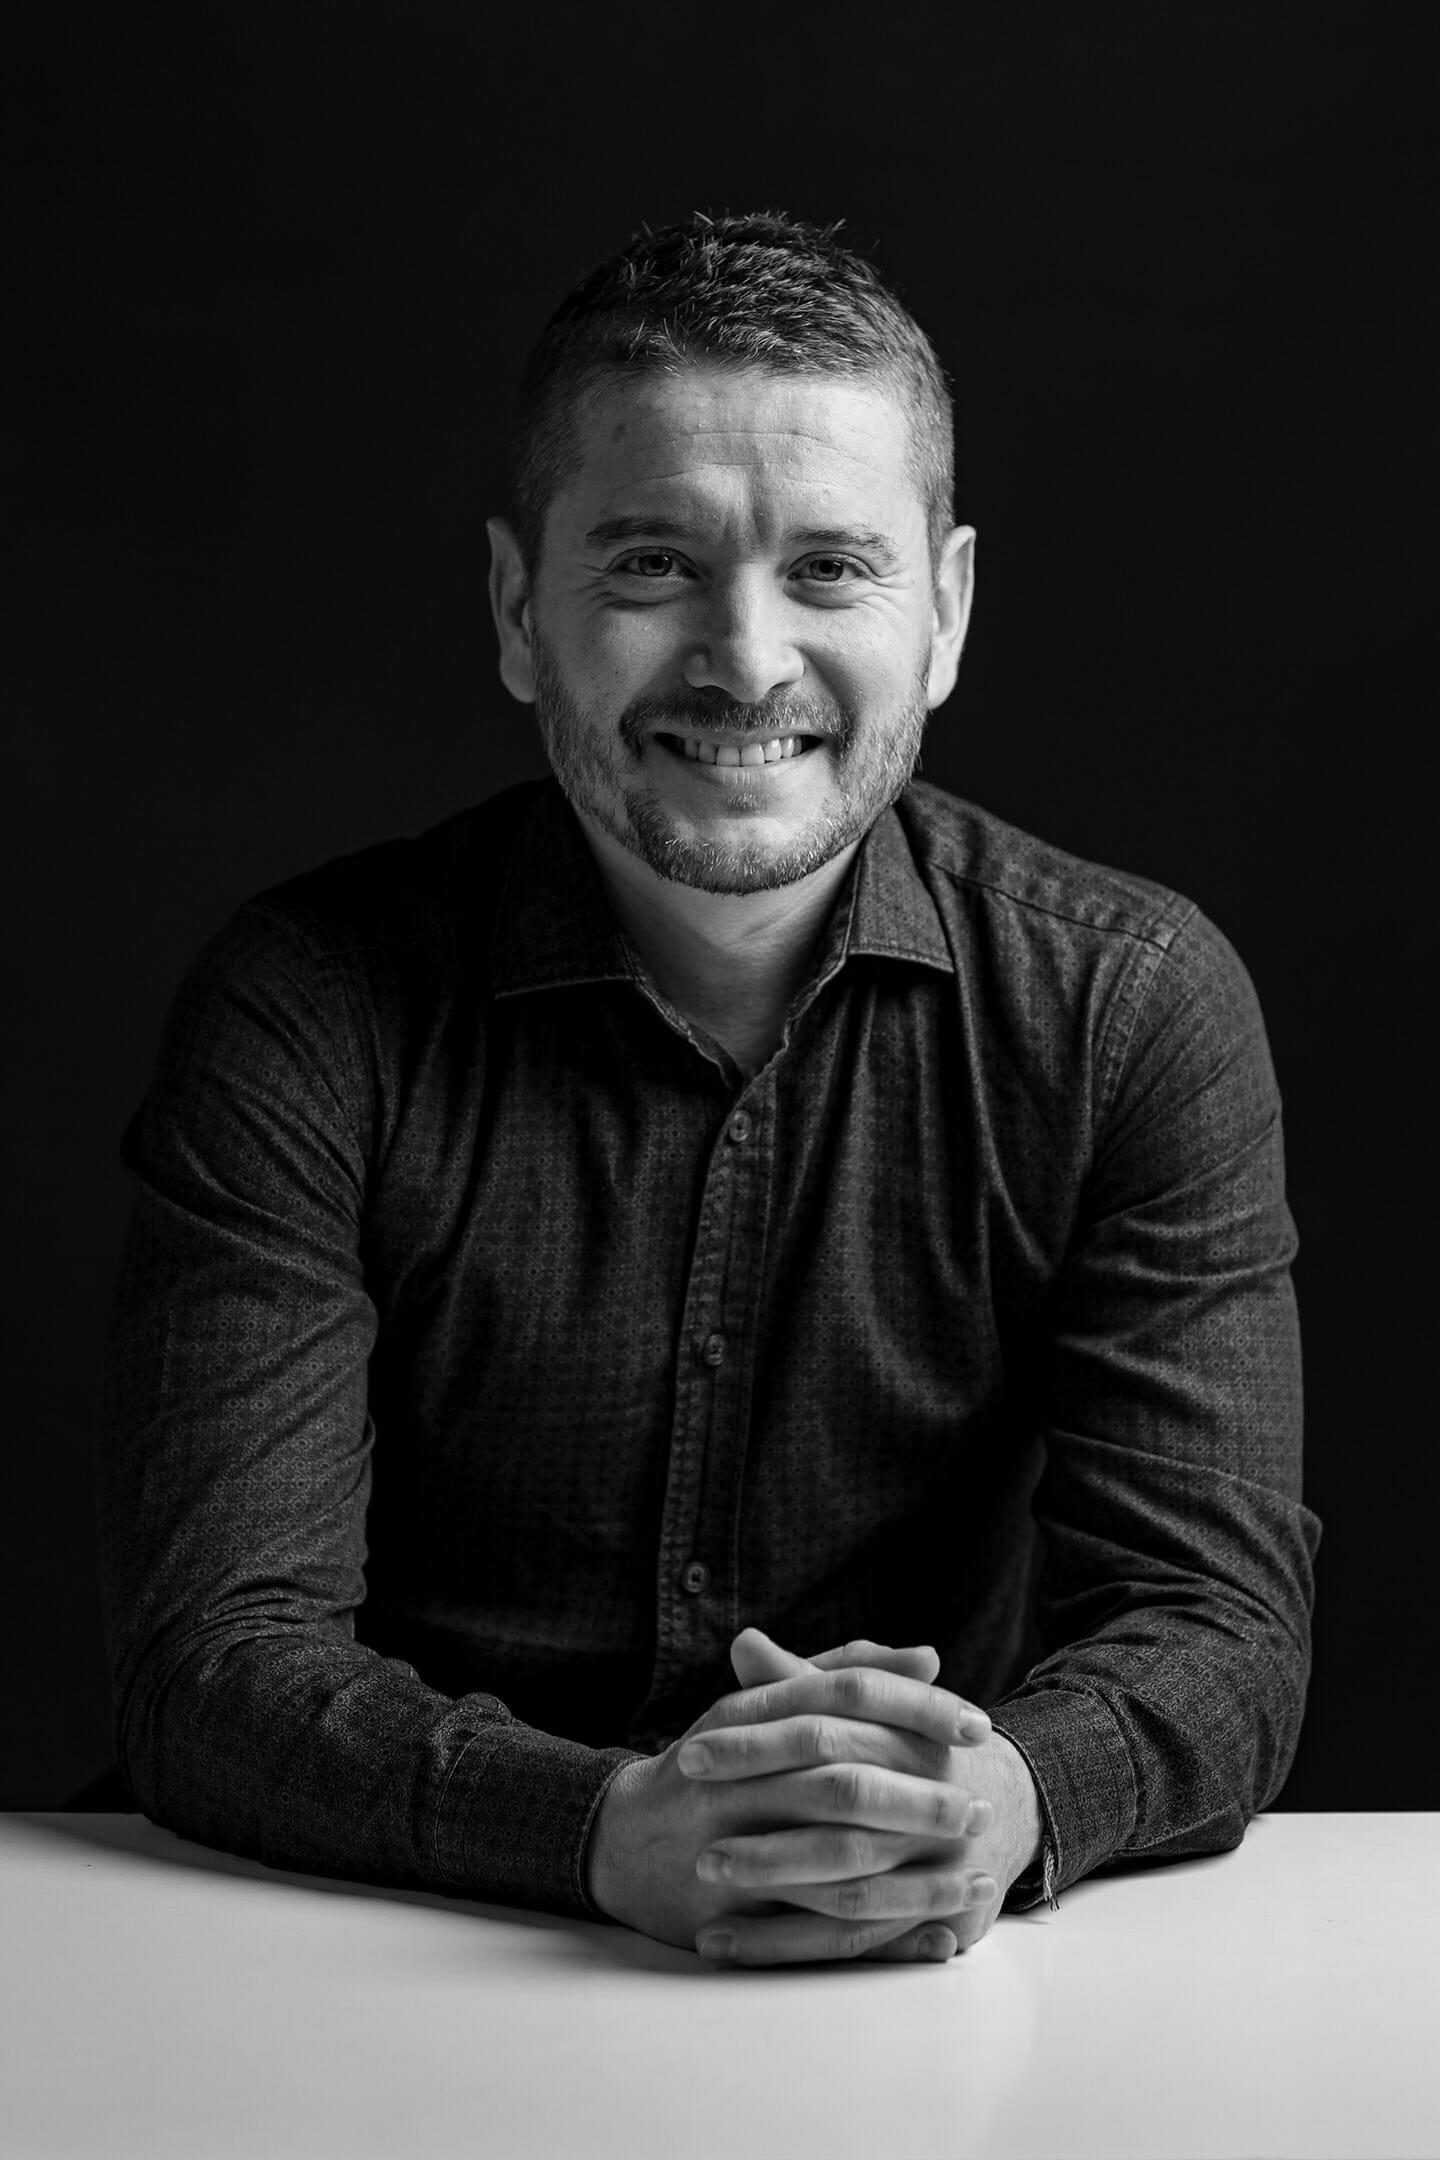 Retrato de estudio con un panel led y fondo negro